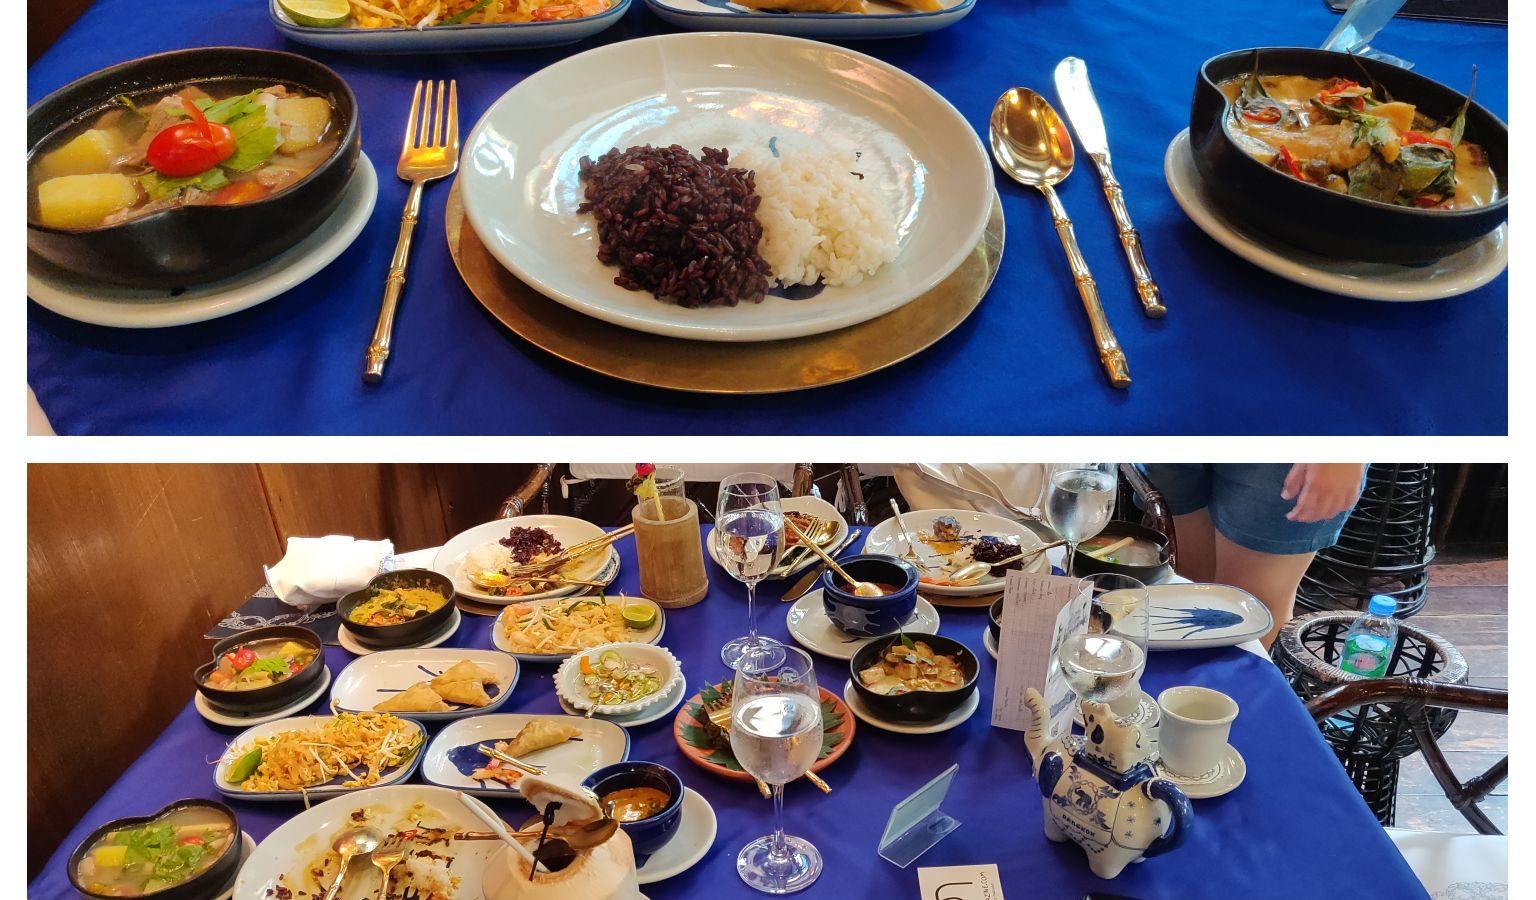 Eigen kookkunsten bij Blue Elephant Restaurant & Cooking School in Bangkok, Thailand